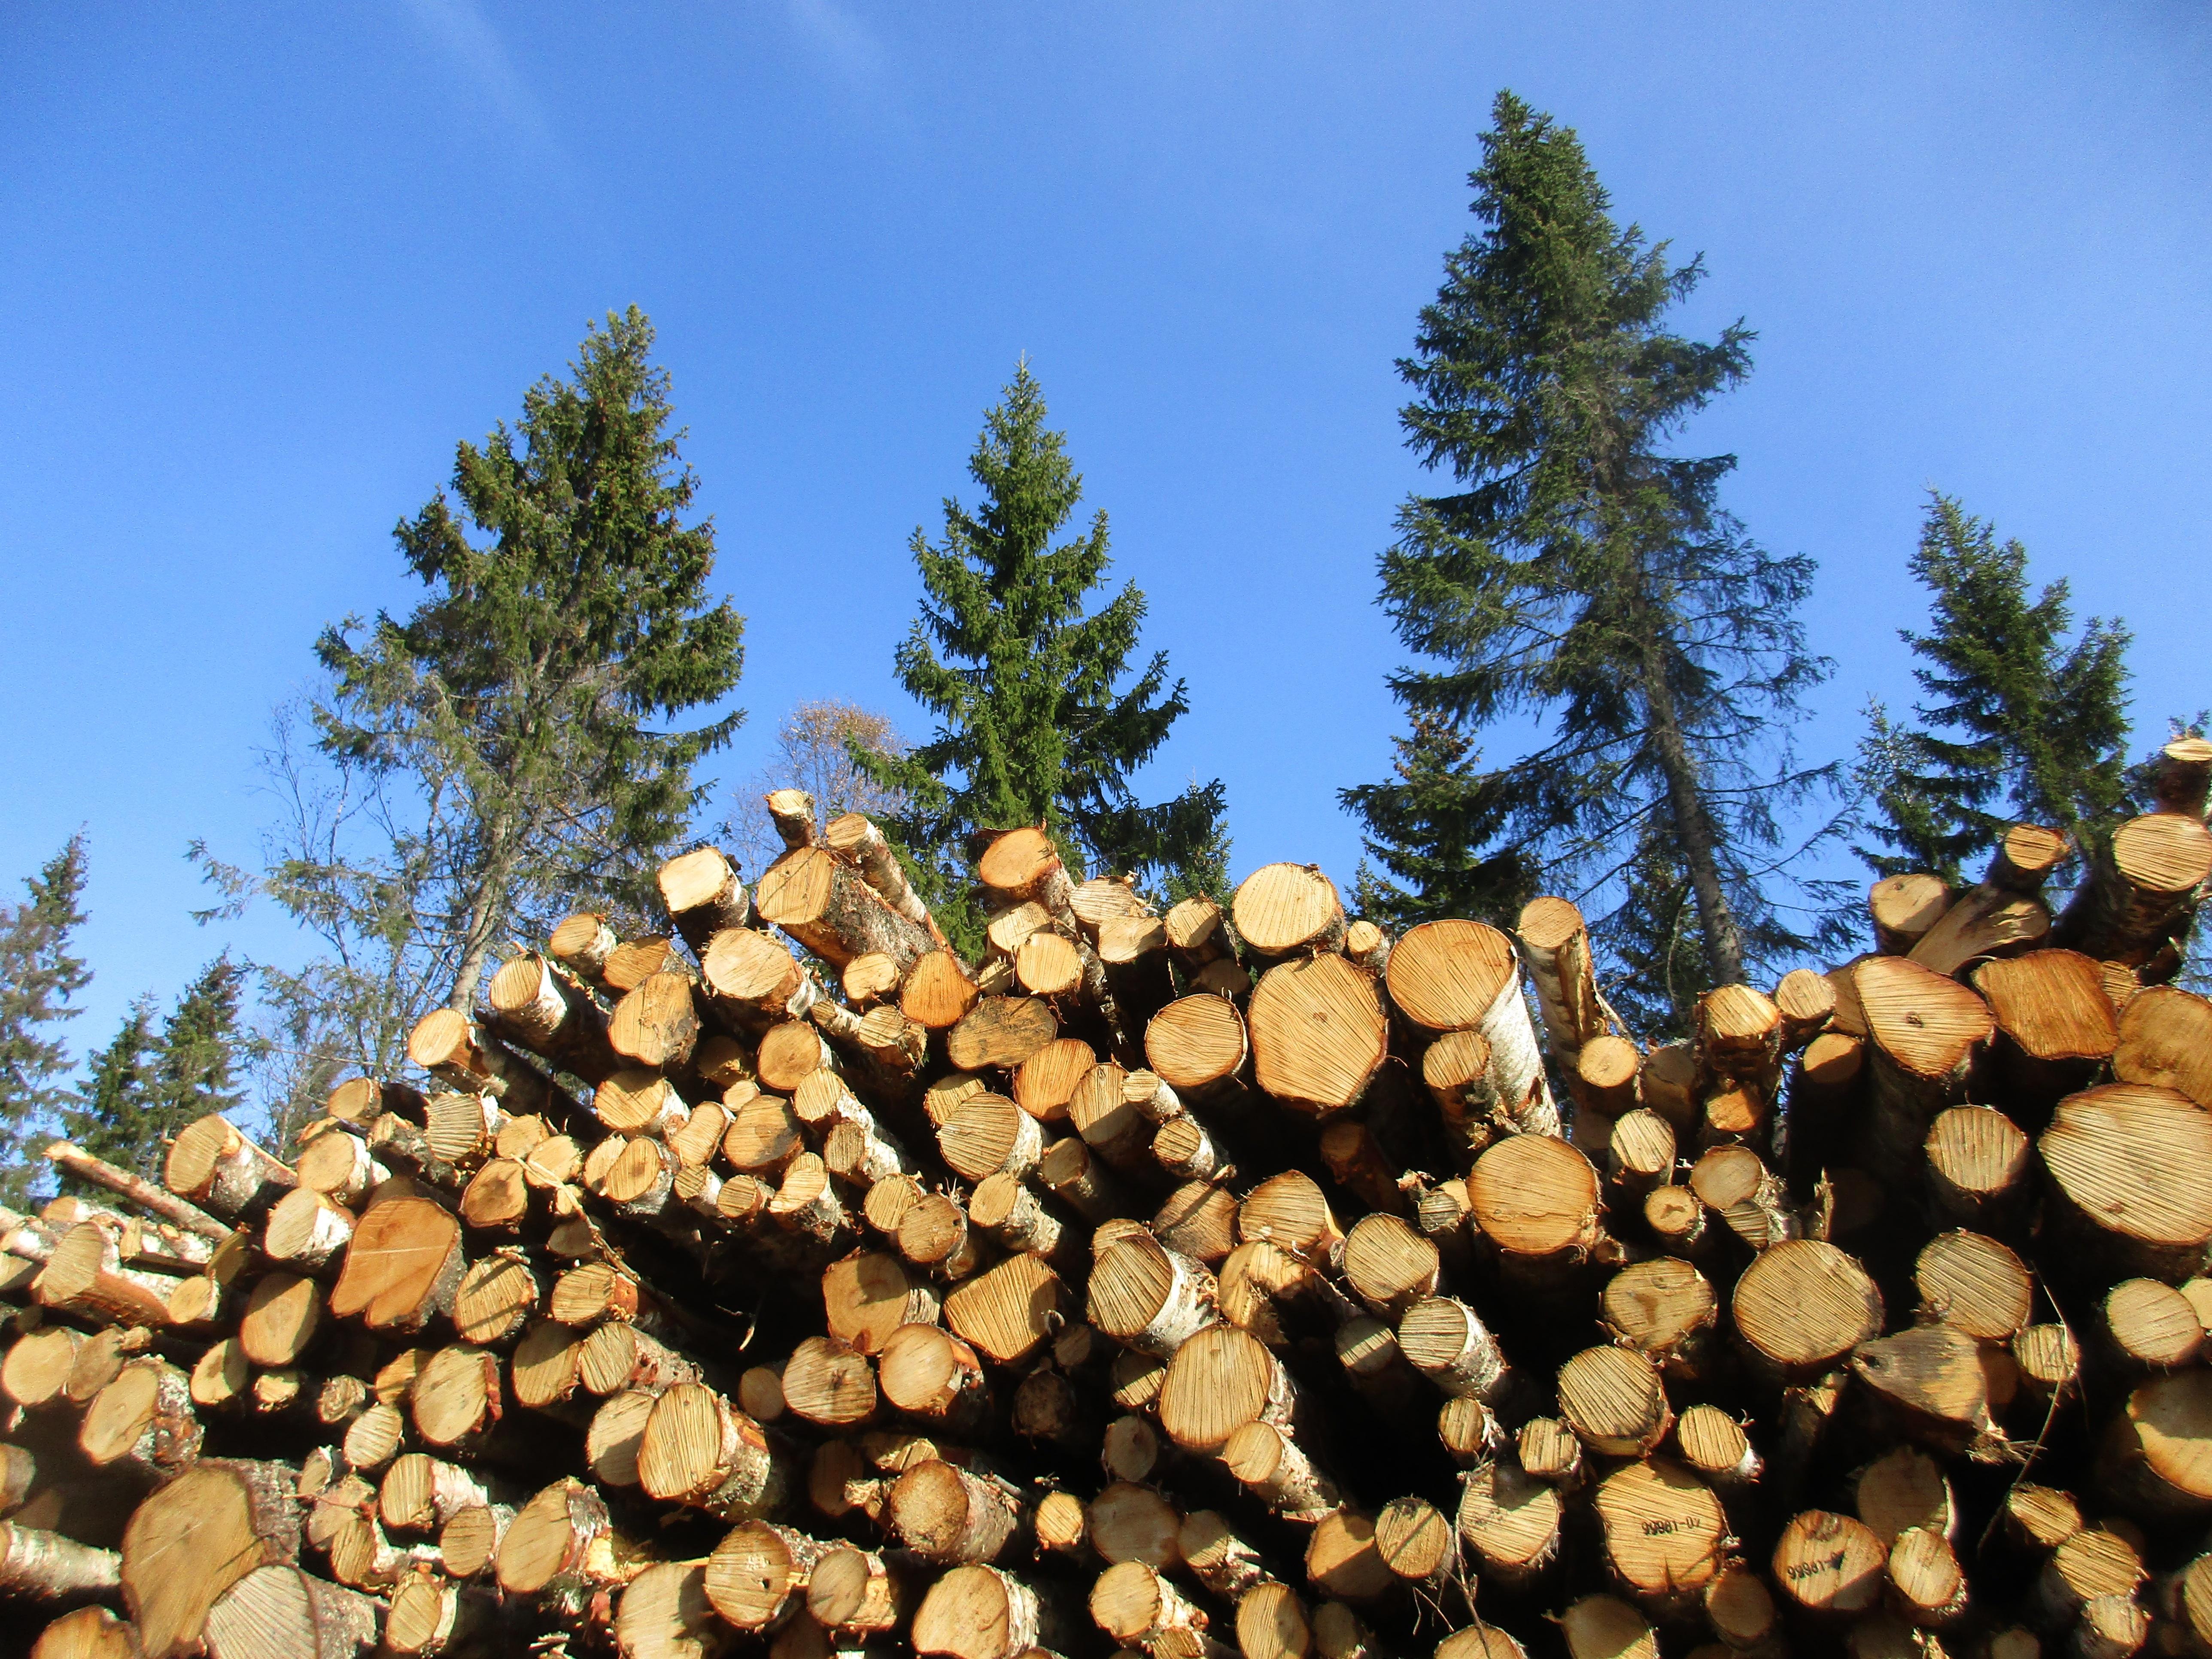 картинки рубленных деревьев сапфиры